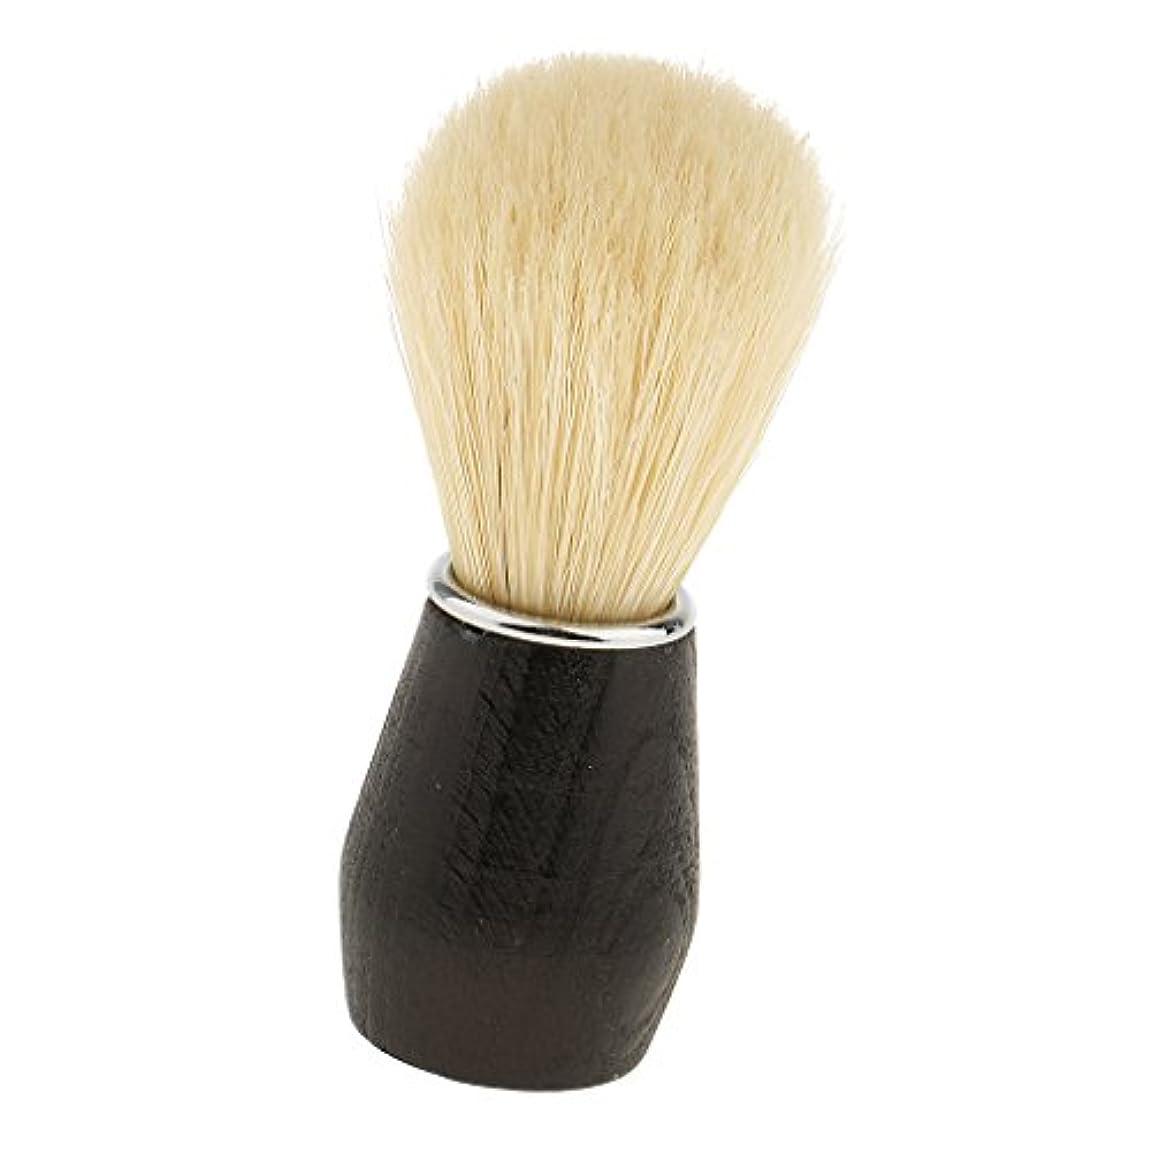 伝統発明する勝者Baosity 父のギフト ソフト 実用的 プロフェッショナル バーバーサロン家庭用 ひげ剃りブラシ プラスチックハンドル フェイシャルクリーニングブラシ ブラック